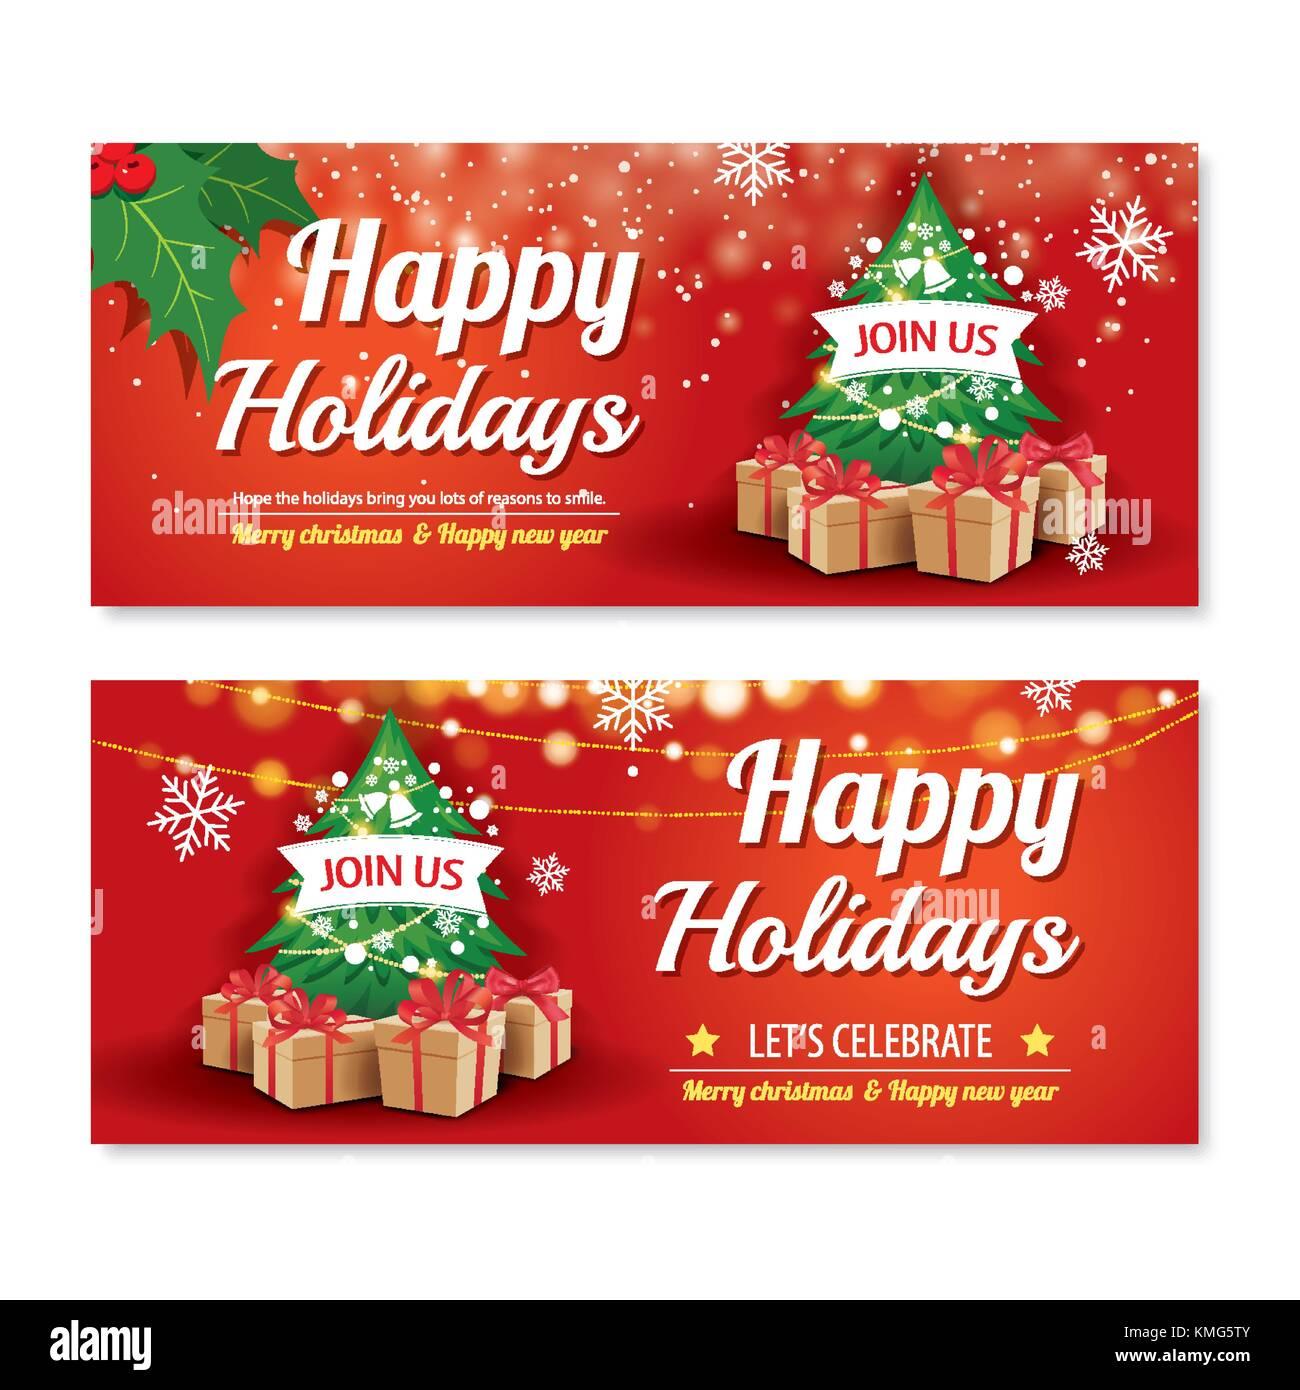 acb9063df4d0c Invitación feliz navidad parte poster banner y plantilla Diseño de tarjeta  sobre fondo rojo. felices fiestas y año nuevo con árbol y caja de regalo  para ...